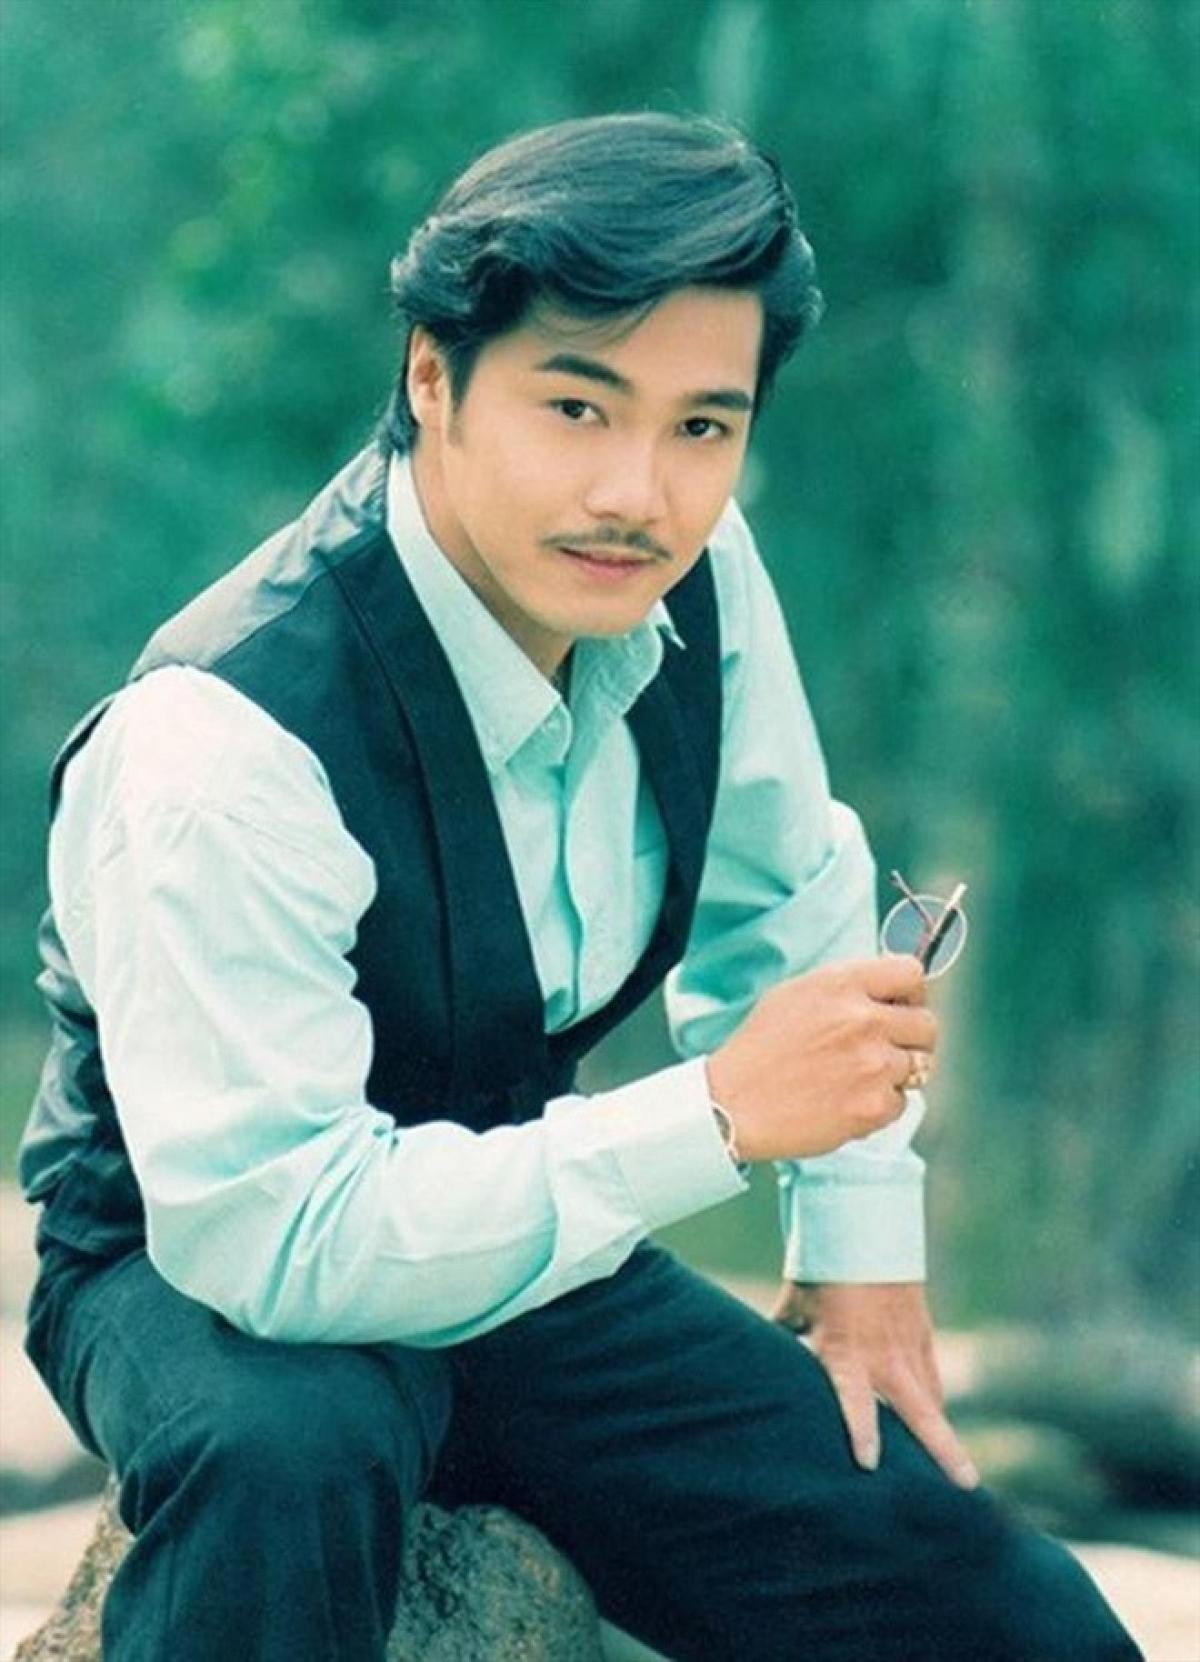 Lý Hùng sinh năm 1969 trong một gia đình có truyền thống nghệ thuật.